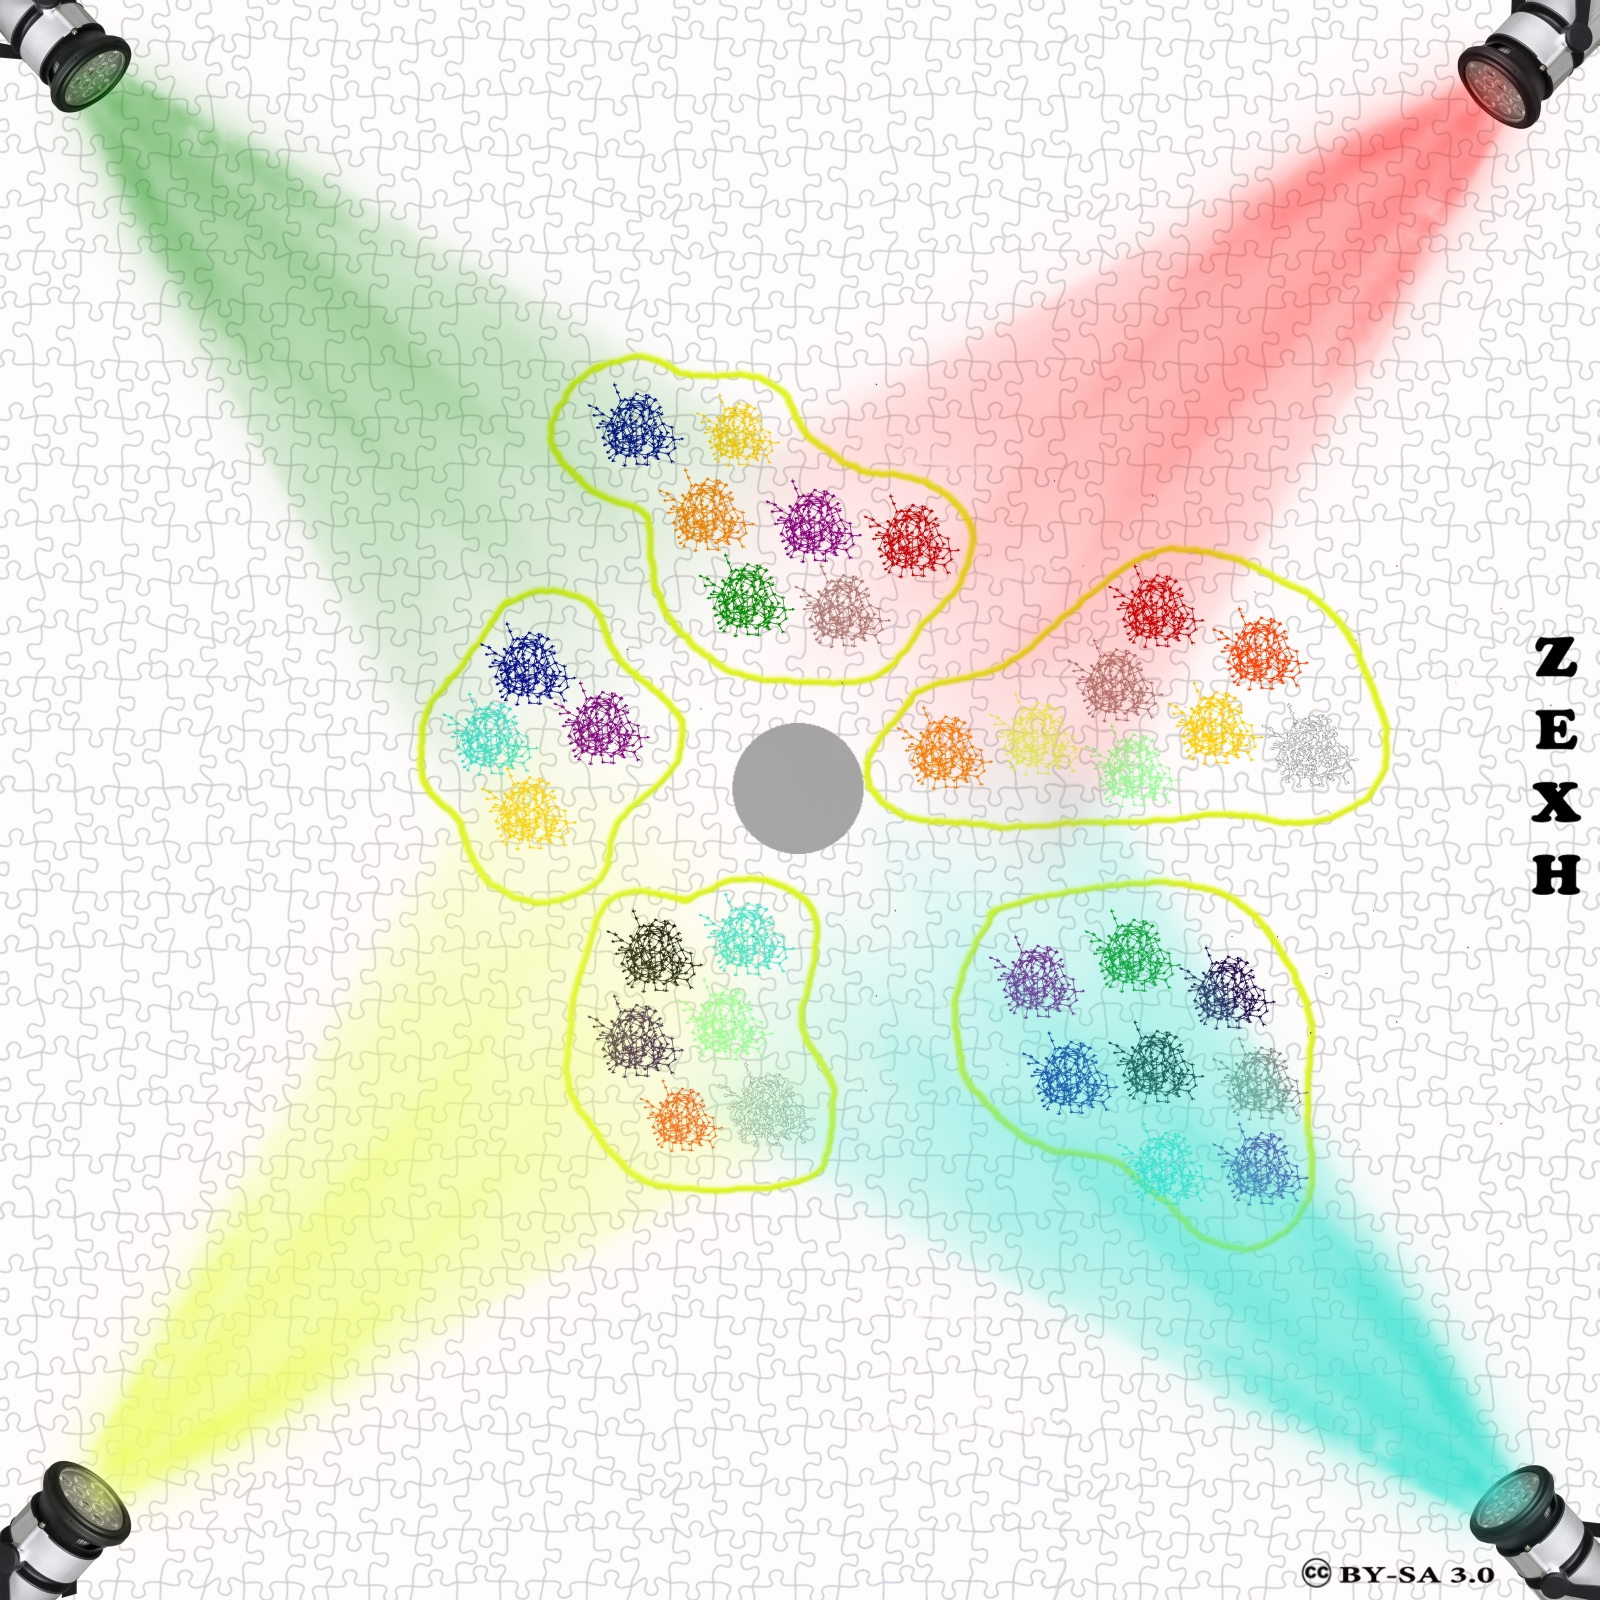 Интегральный подход - мозаичный подход: условия, прожекторы, кластера